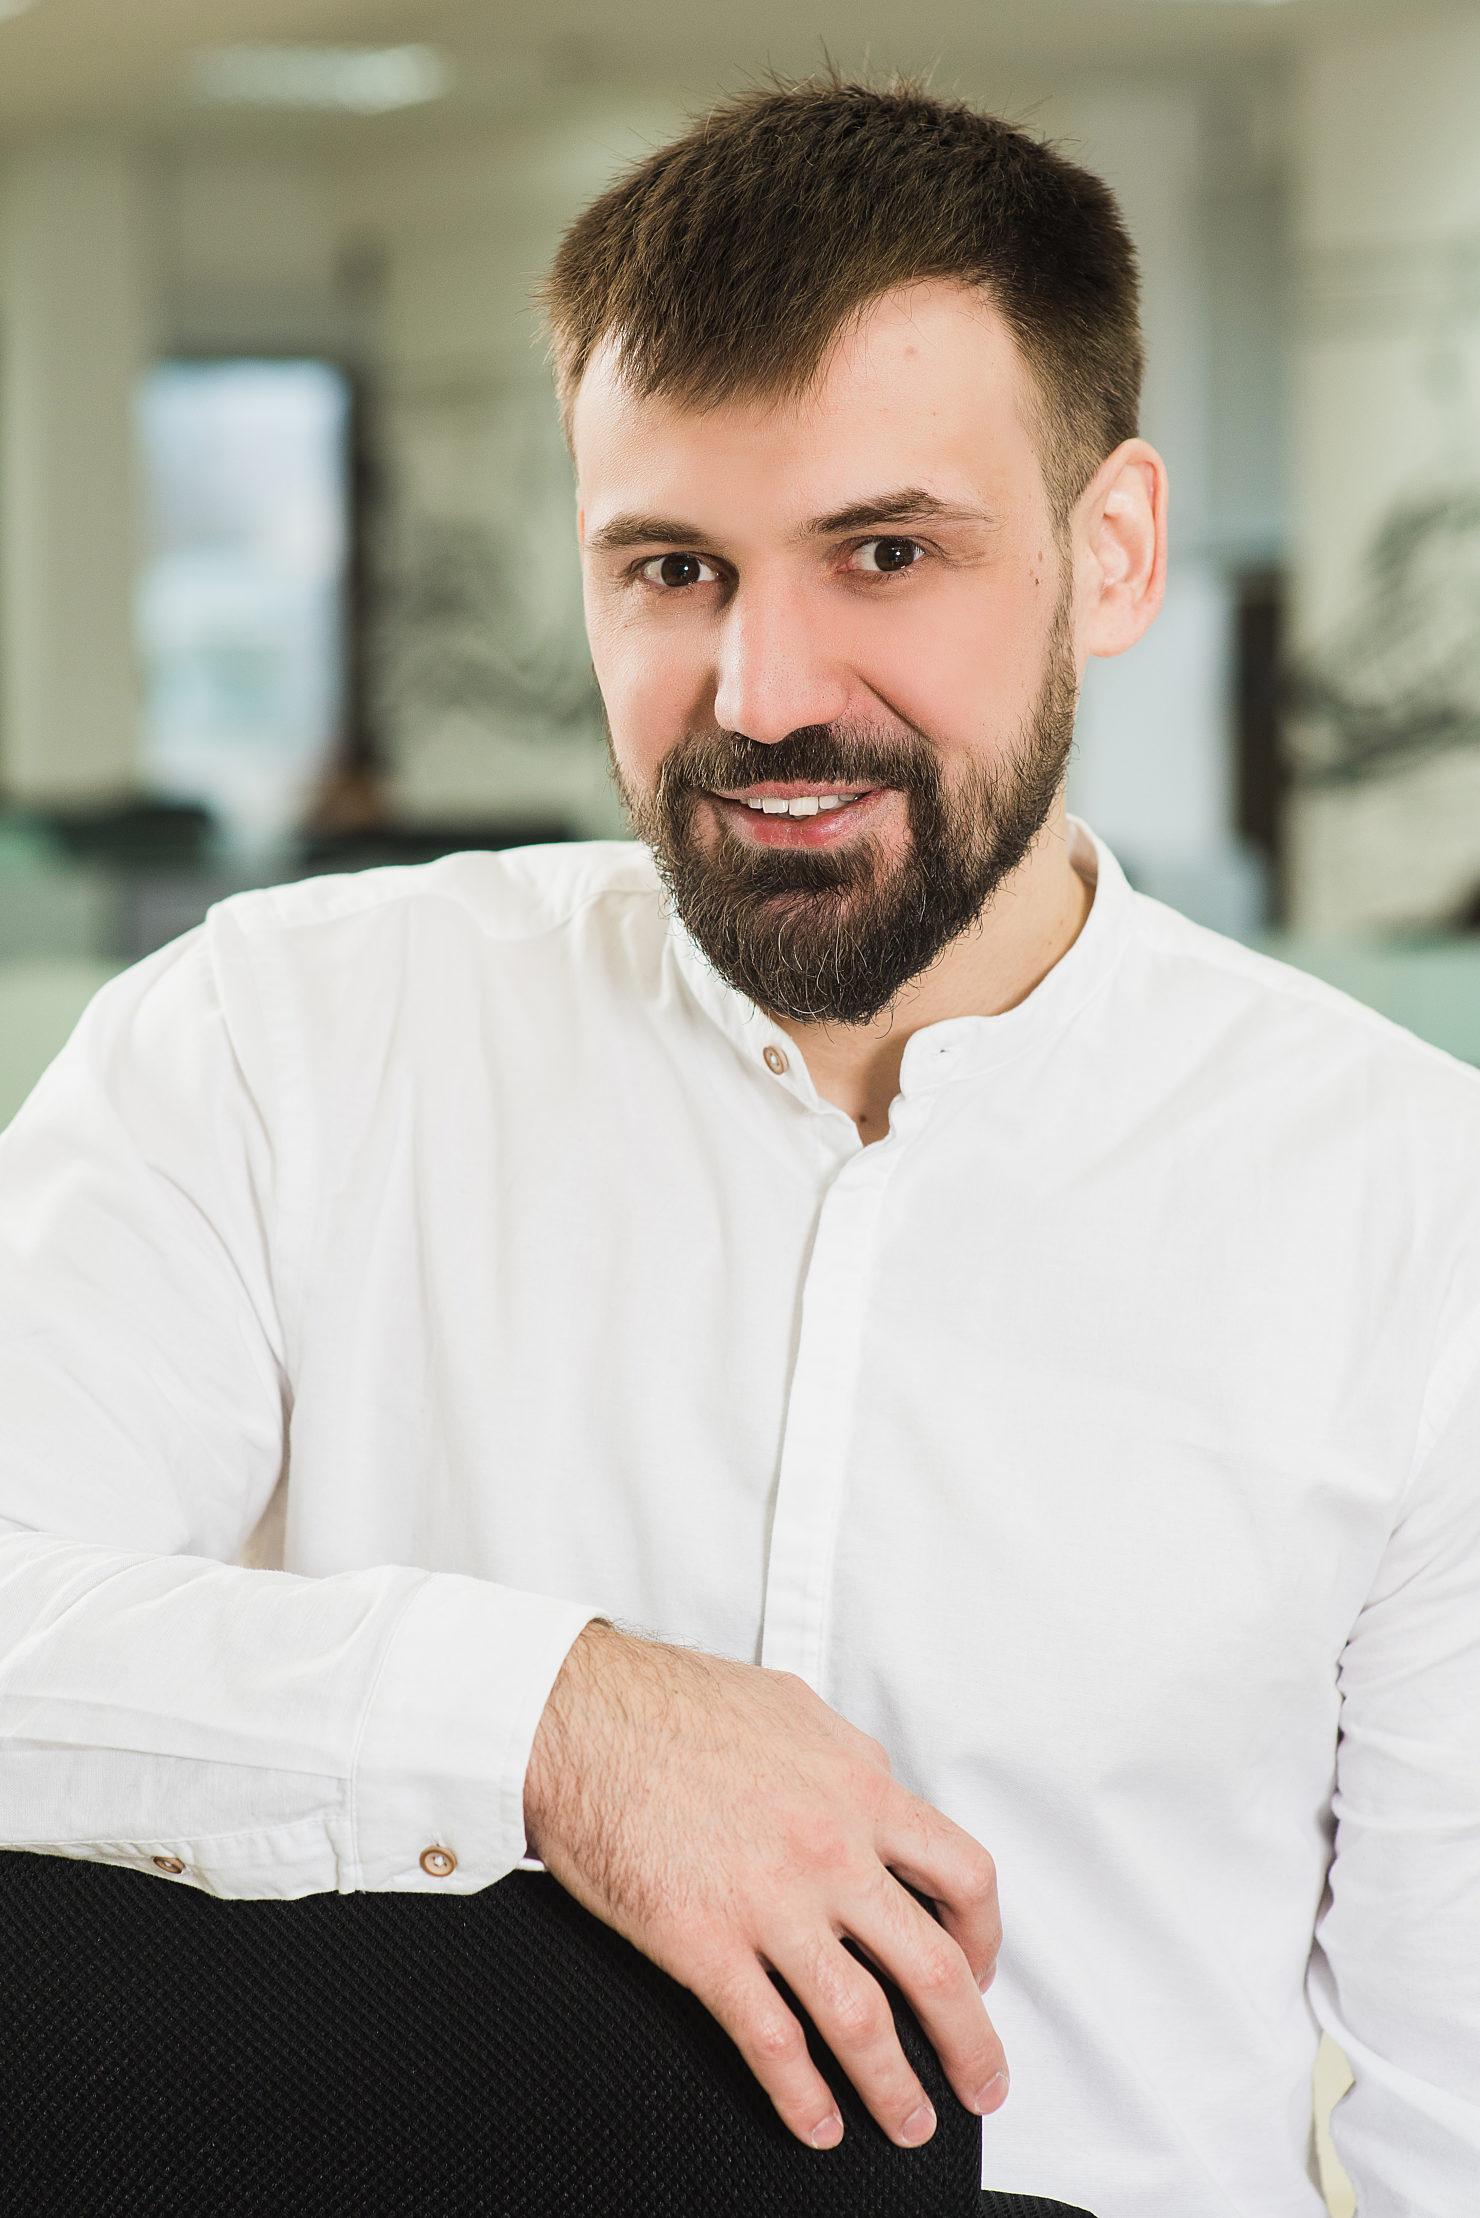 Интервью: Владимир Воробьев: «Если технологии и разработка — ваше призвание, станьте настоящими профессионалами в этой сфере». Владимир Воробьев, CEO компании RubyGarage